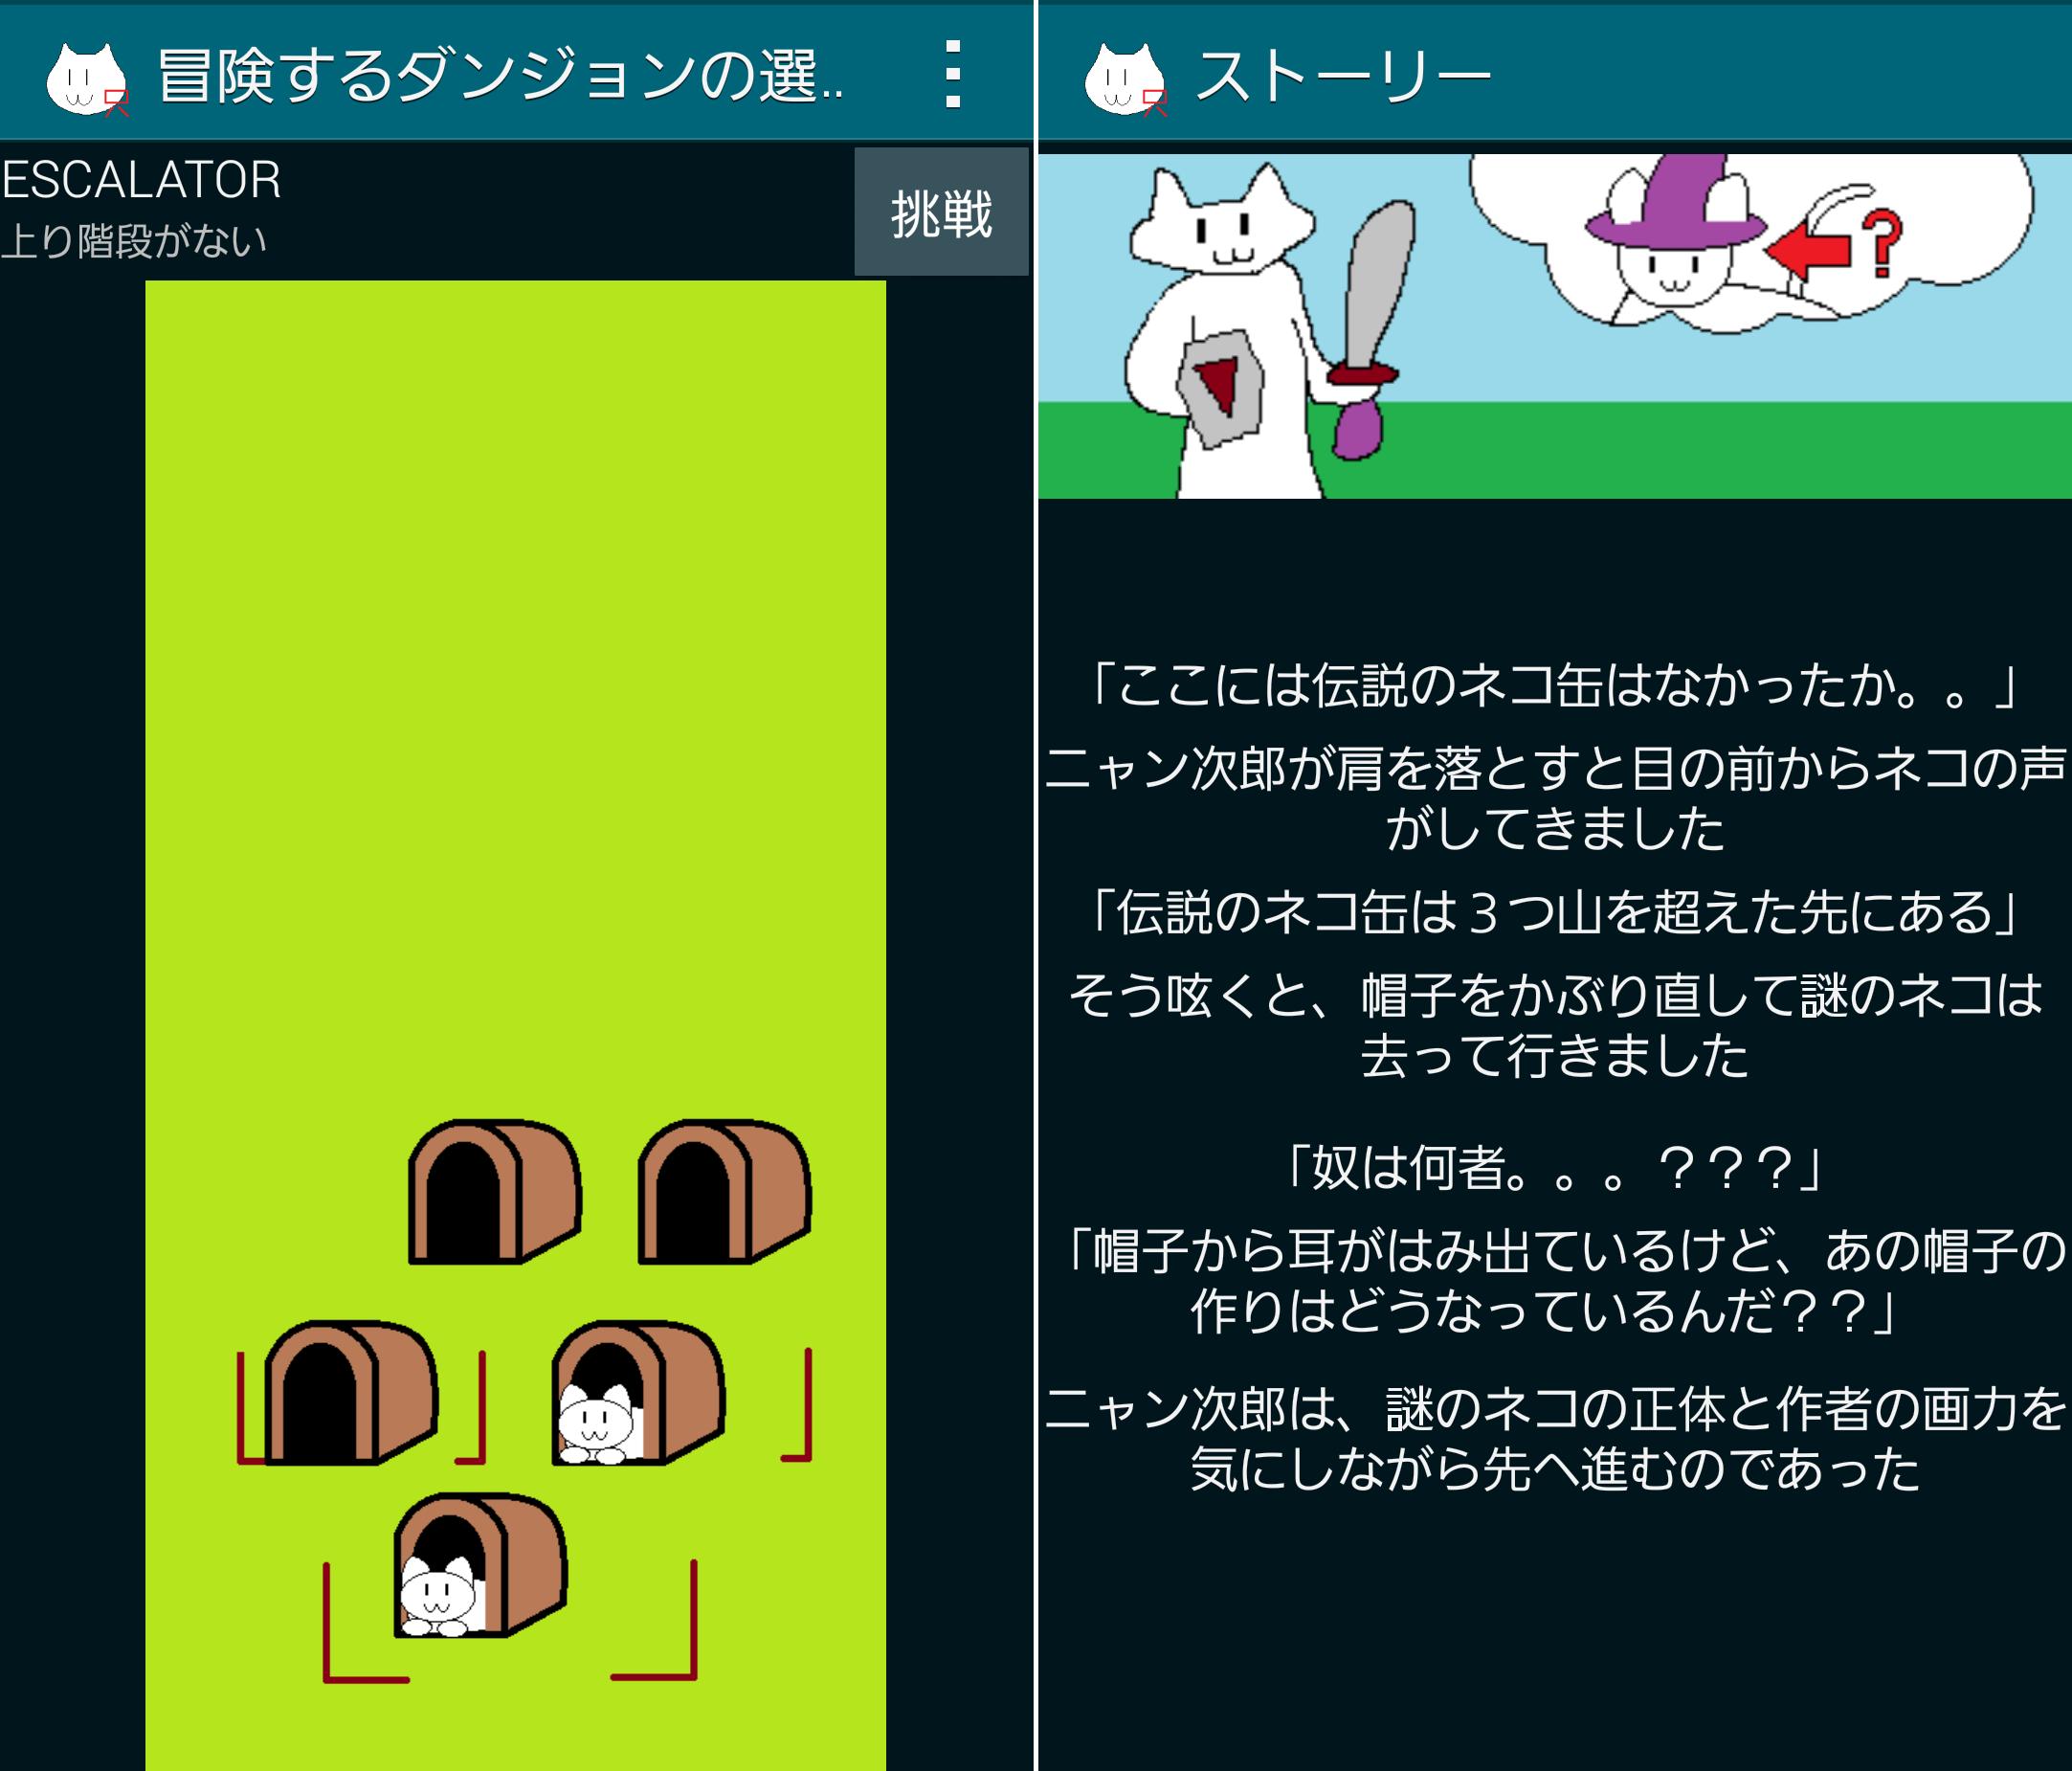 ねこダン androidアプリスクリーンショット2